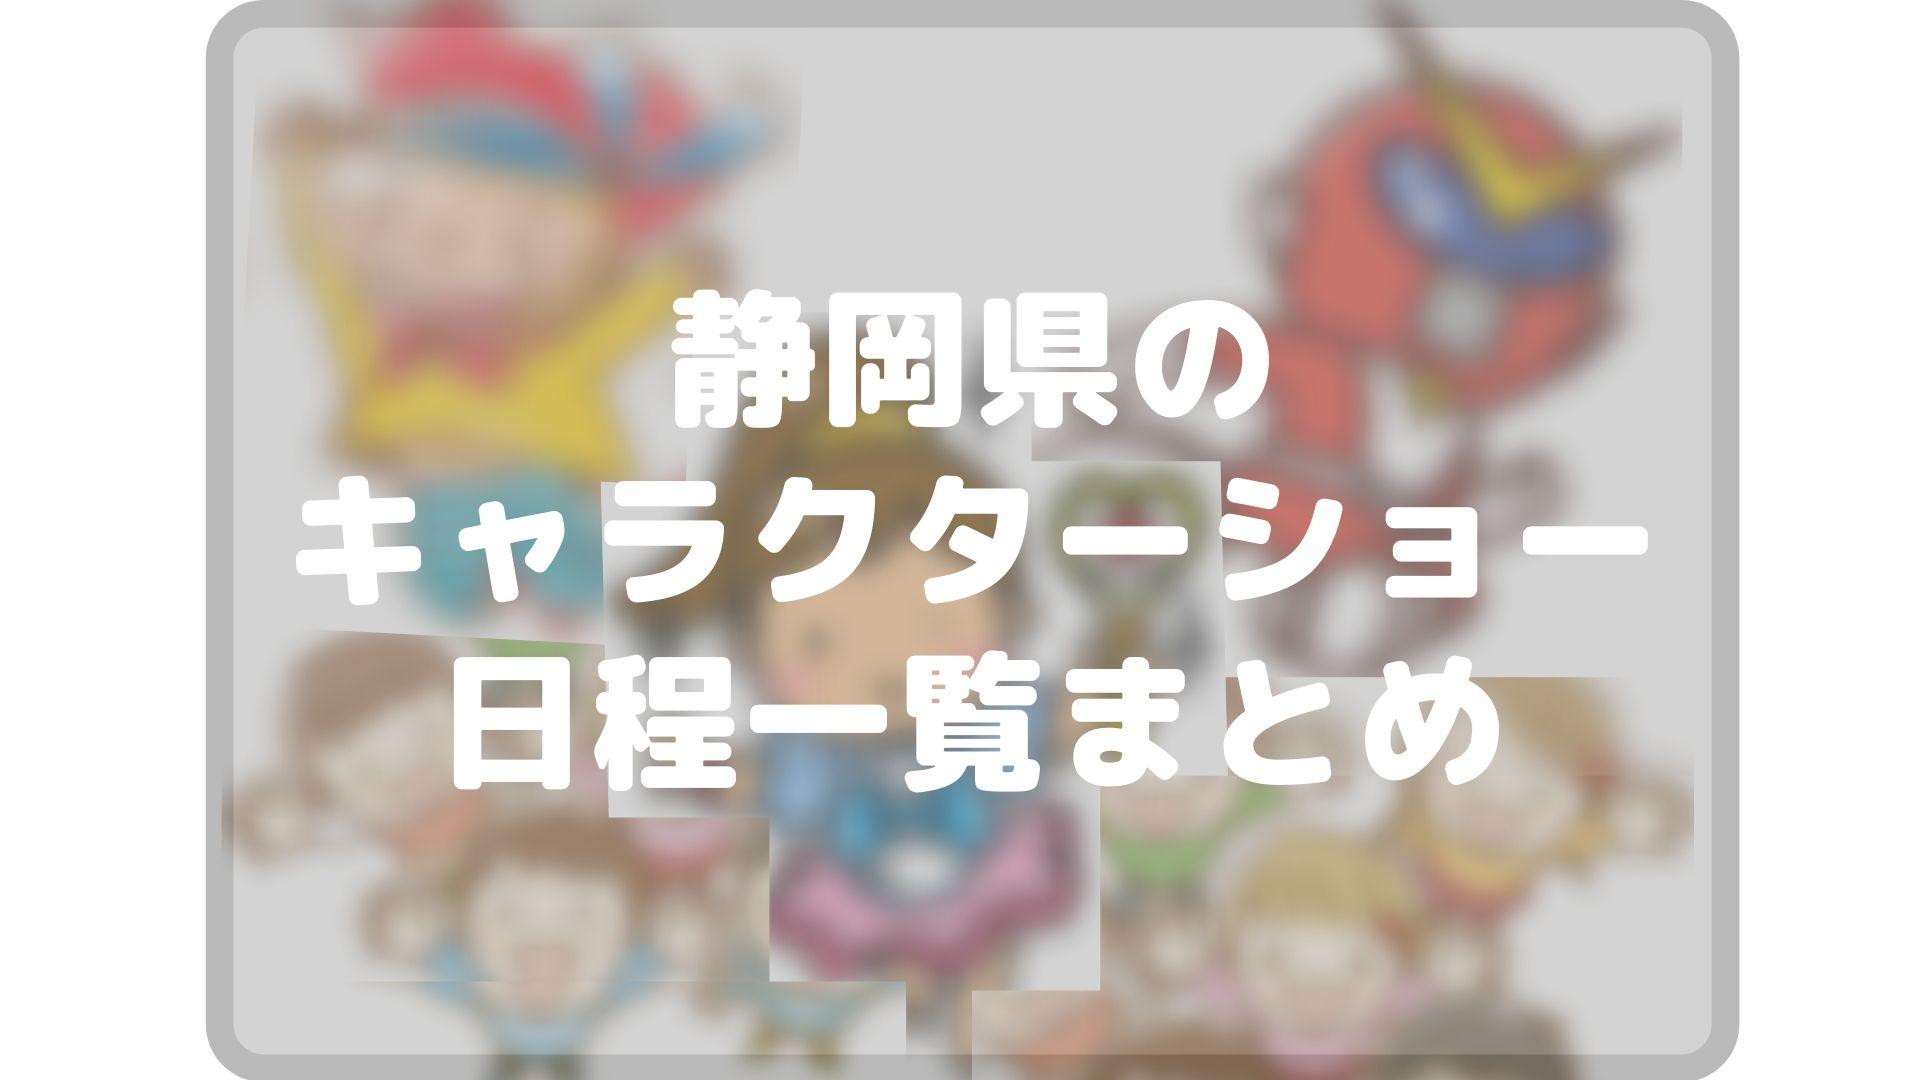 静岡県のキャラクターショーまとめタイトル画像